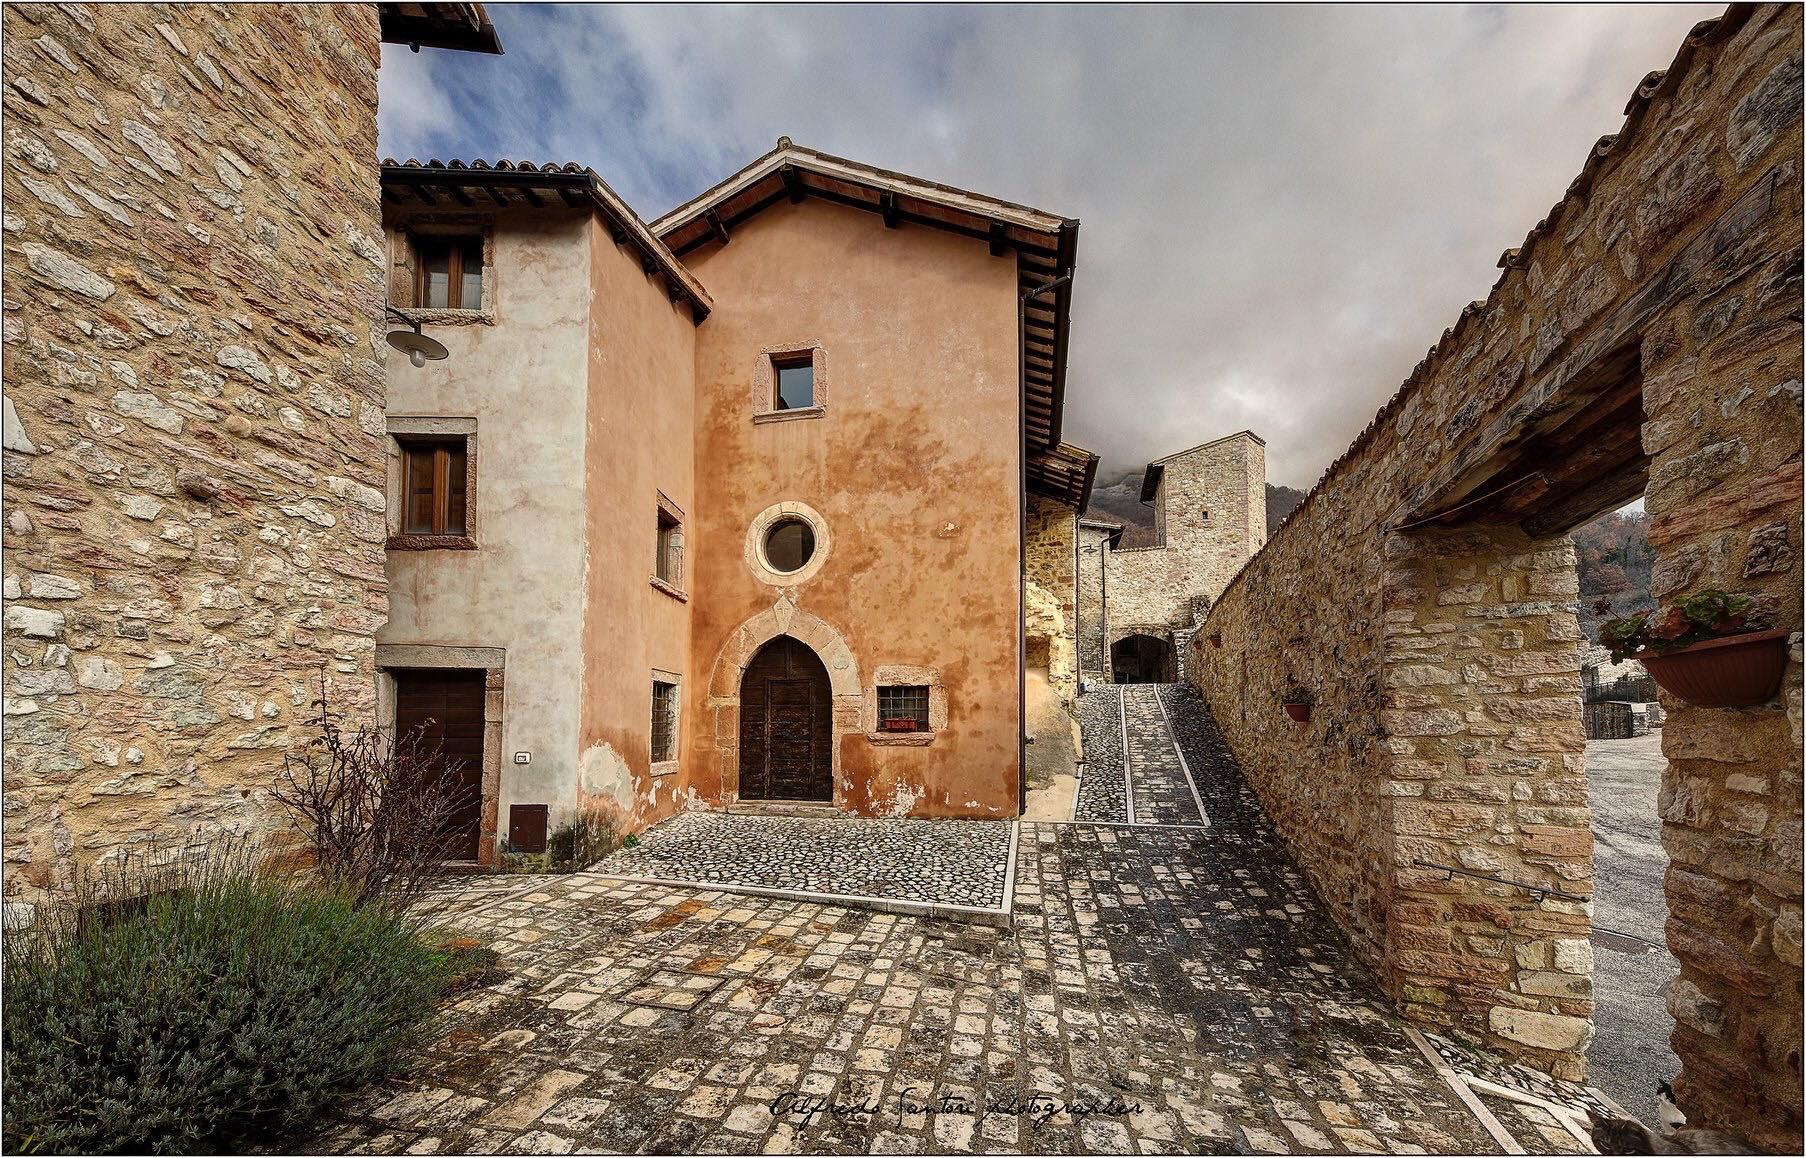 Castello di Acera Umbria